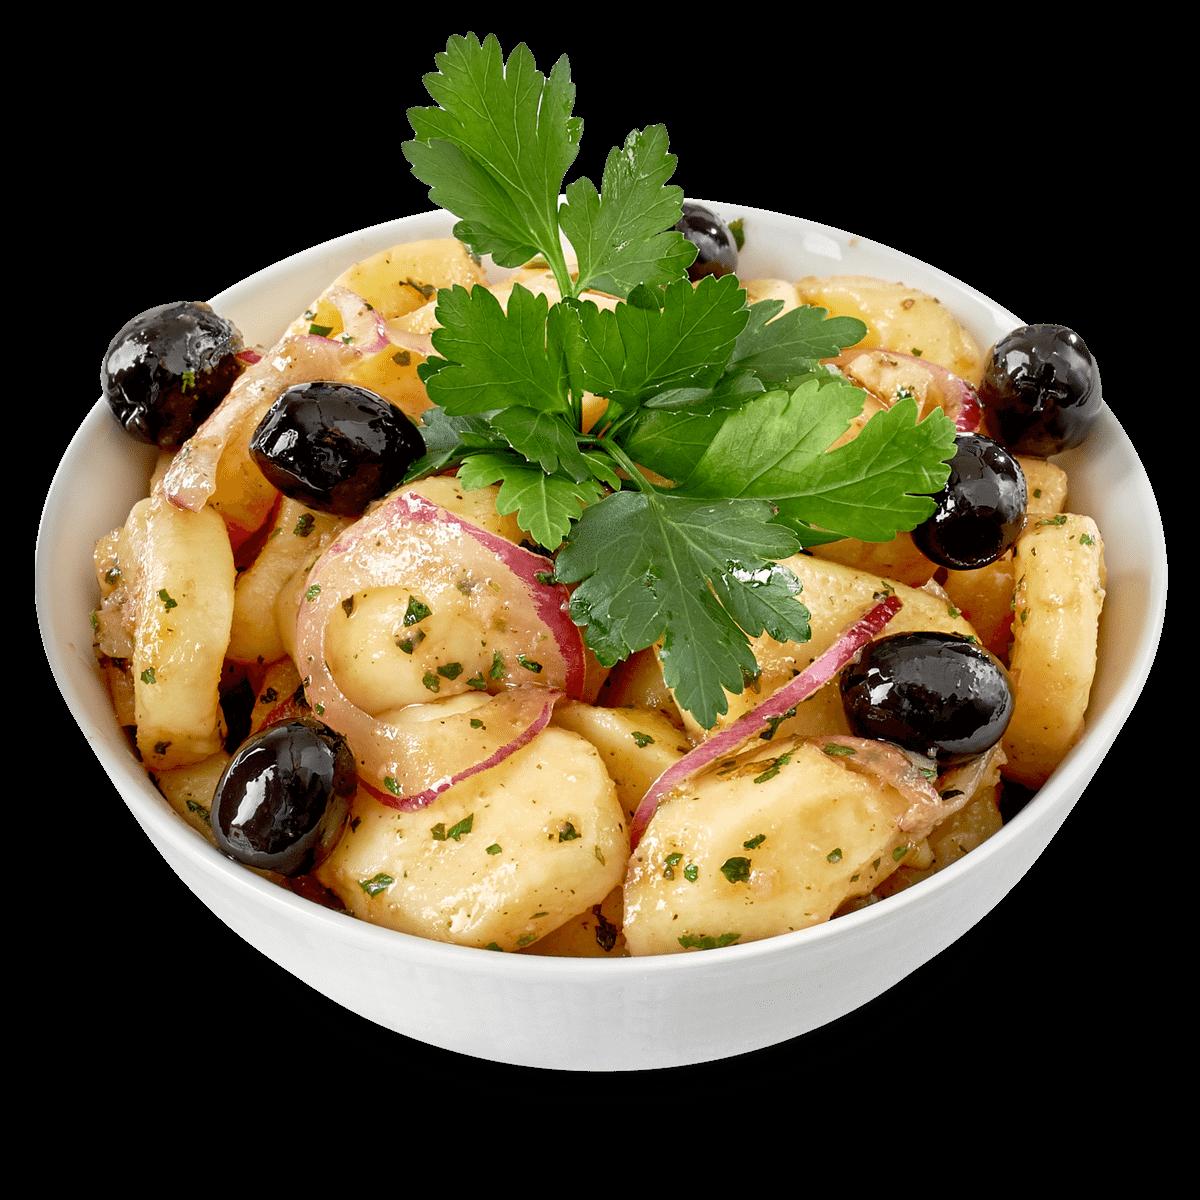 tillbehor-italiensk-potatis-sallad